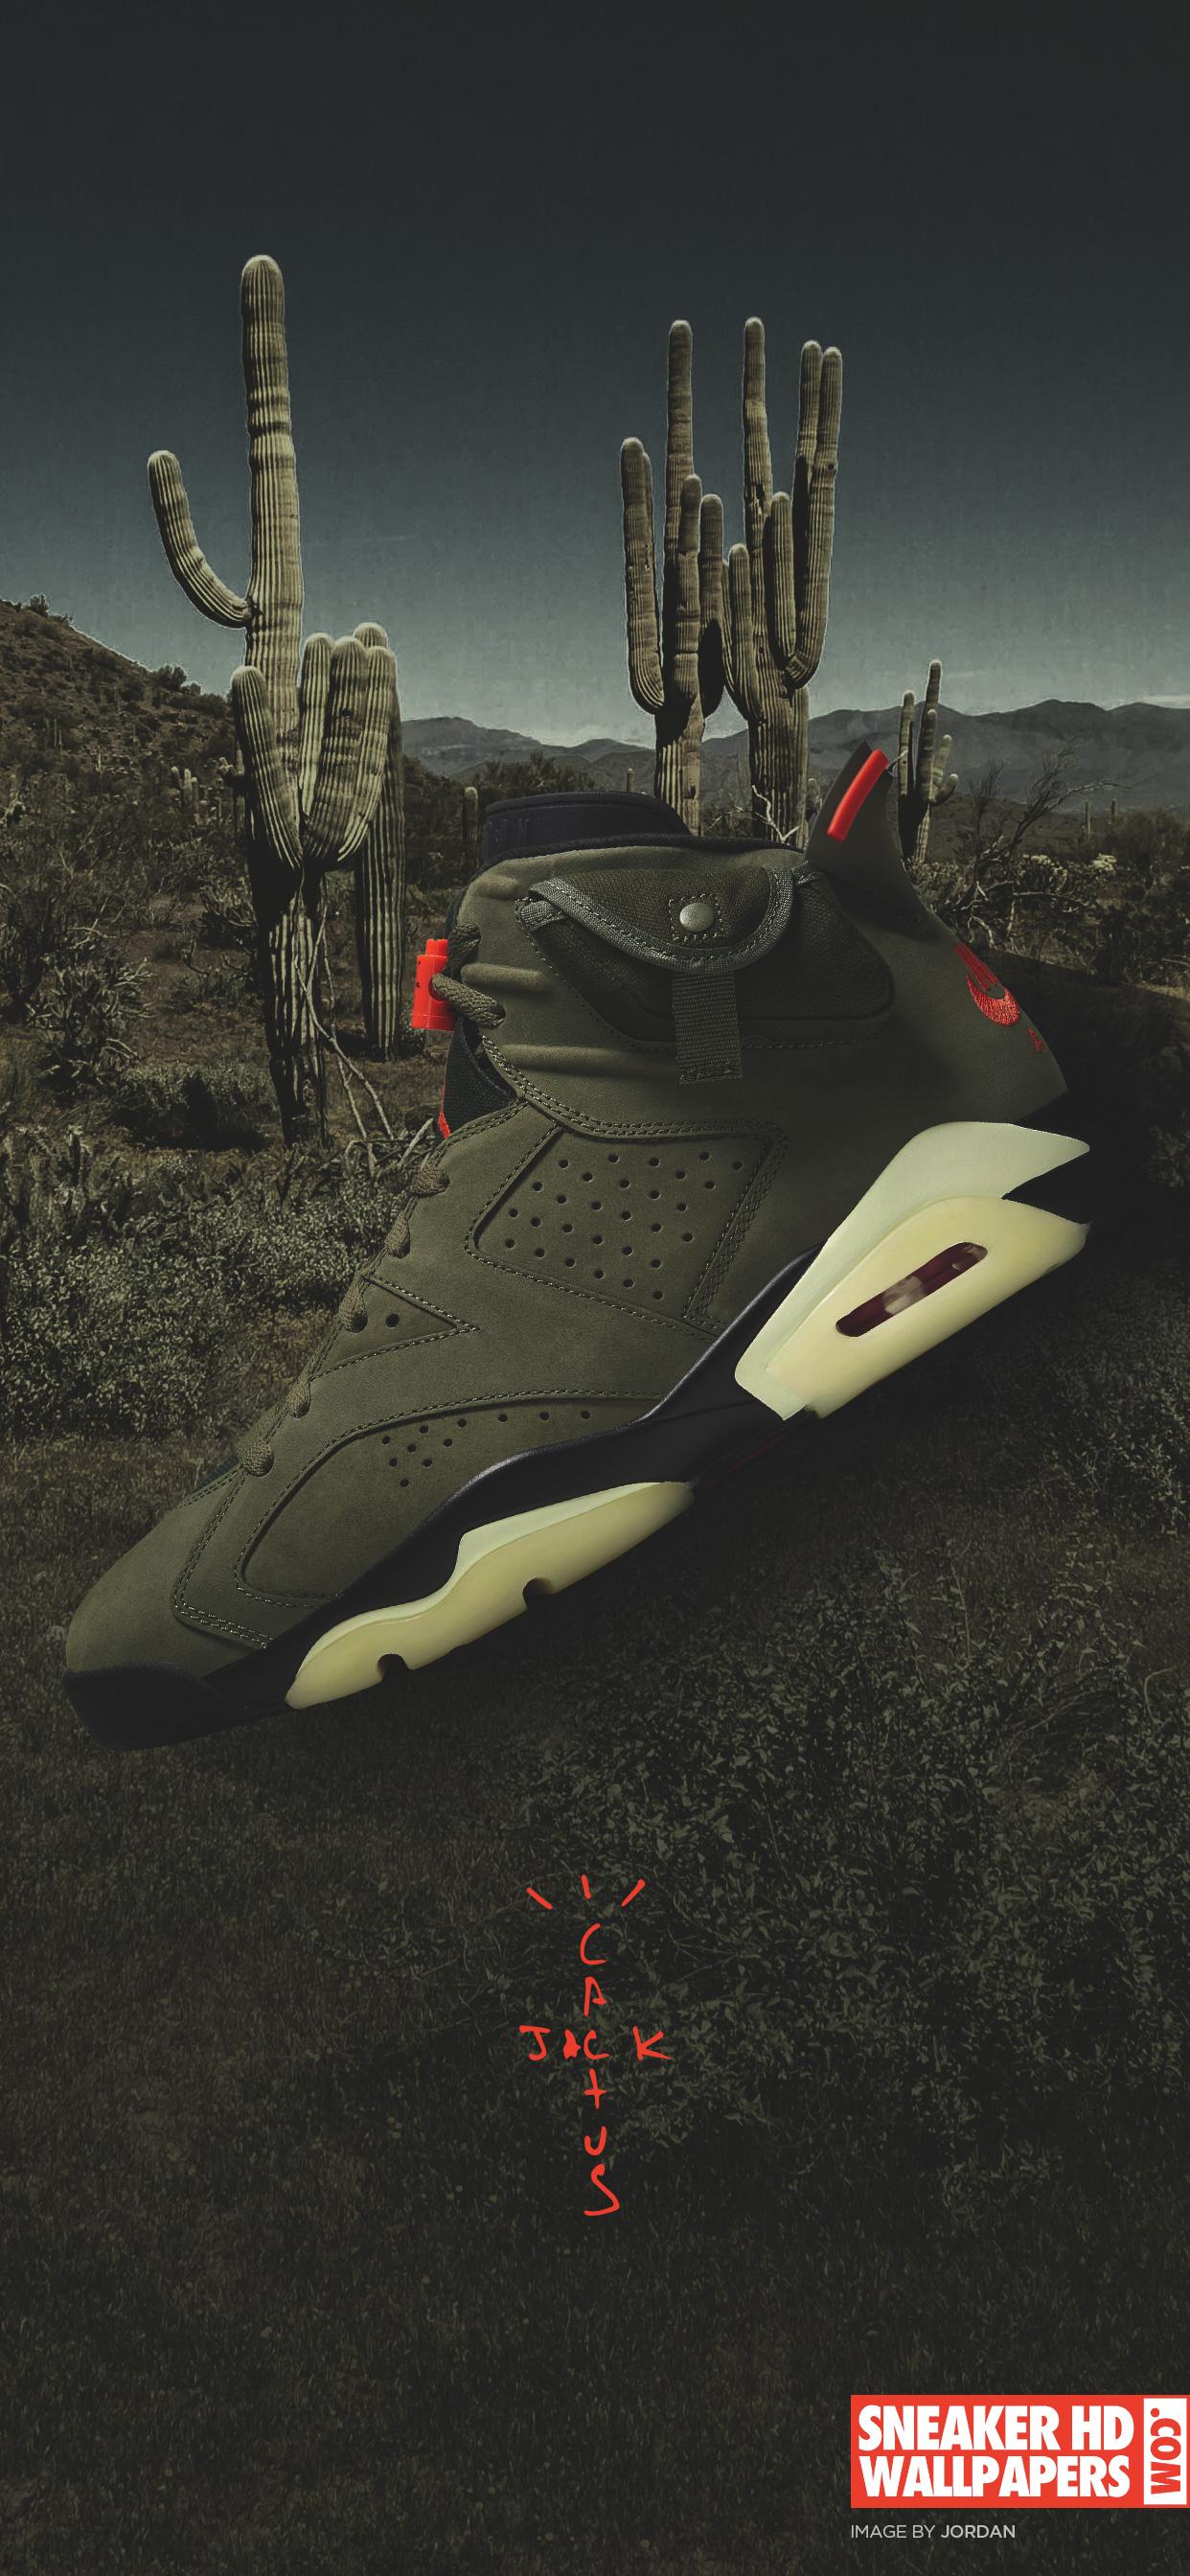 Sneakerhdwallpapers Com Your Favorite Sneakers In 4k Retina